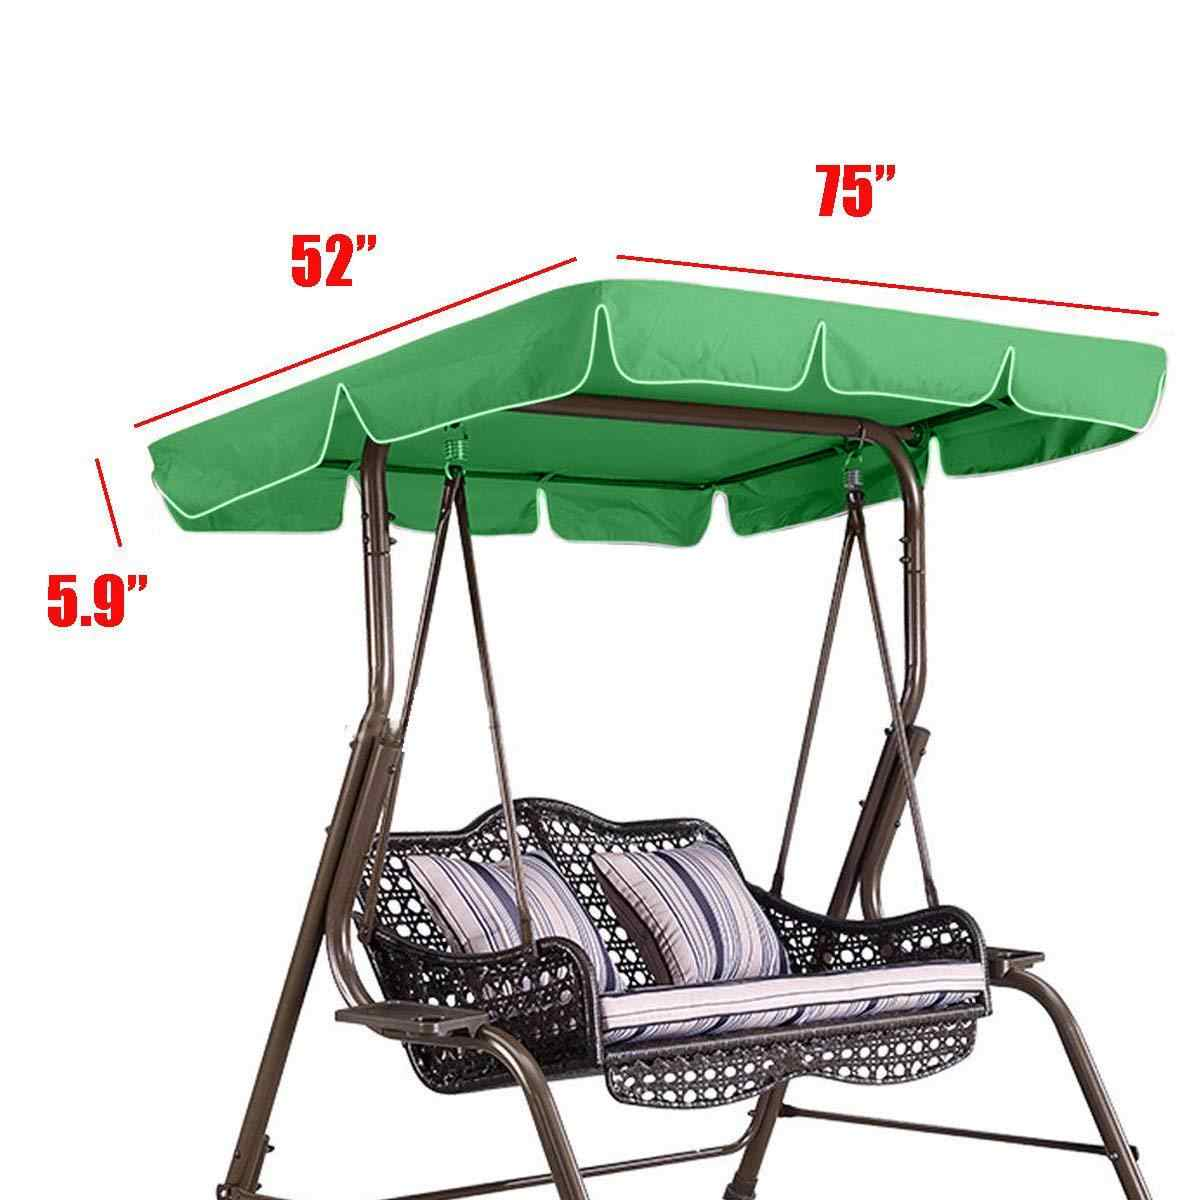 """75 """"x52"""" X5.9 """"Садовый навесной тент водонепроницаемый навес для беседки двора качели кресло-гамак палатка летний солнцезащитный навес"""